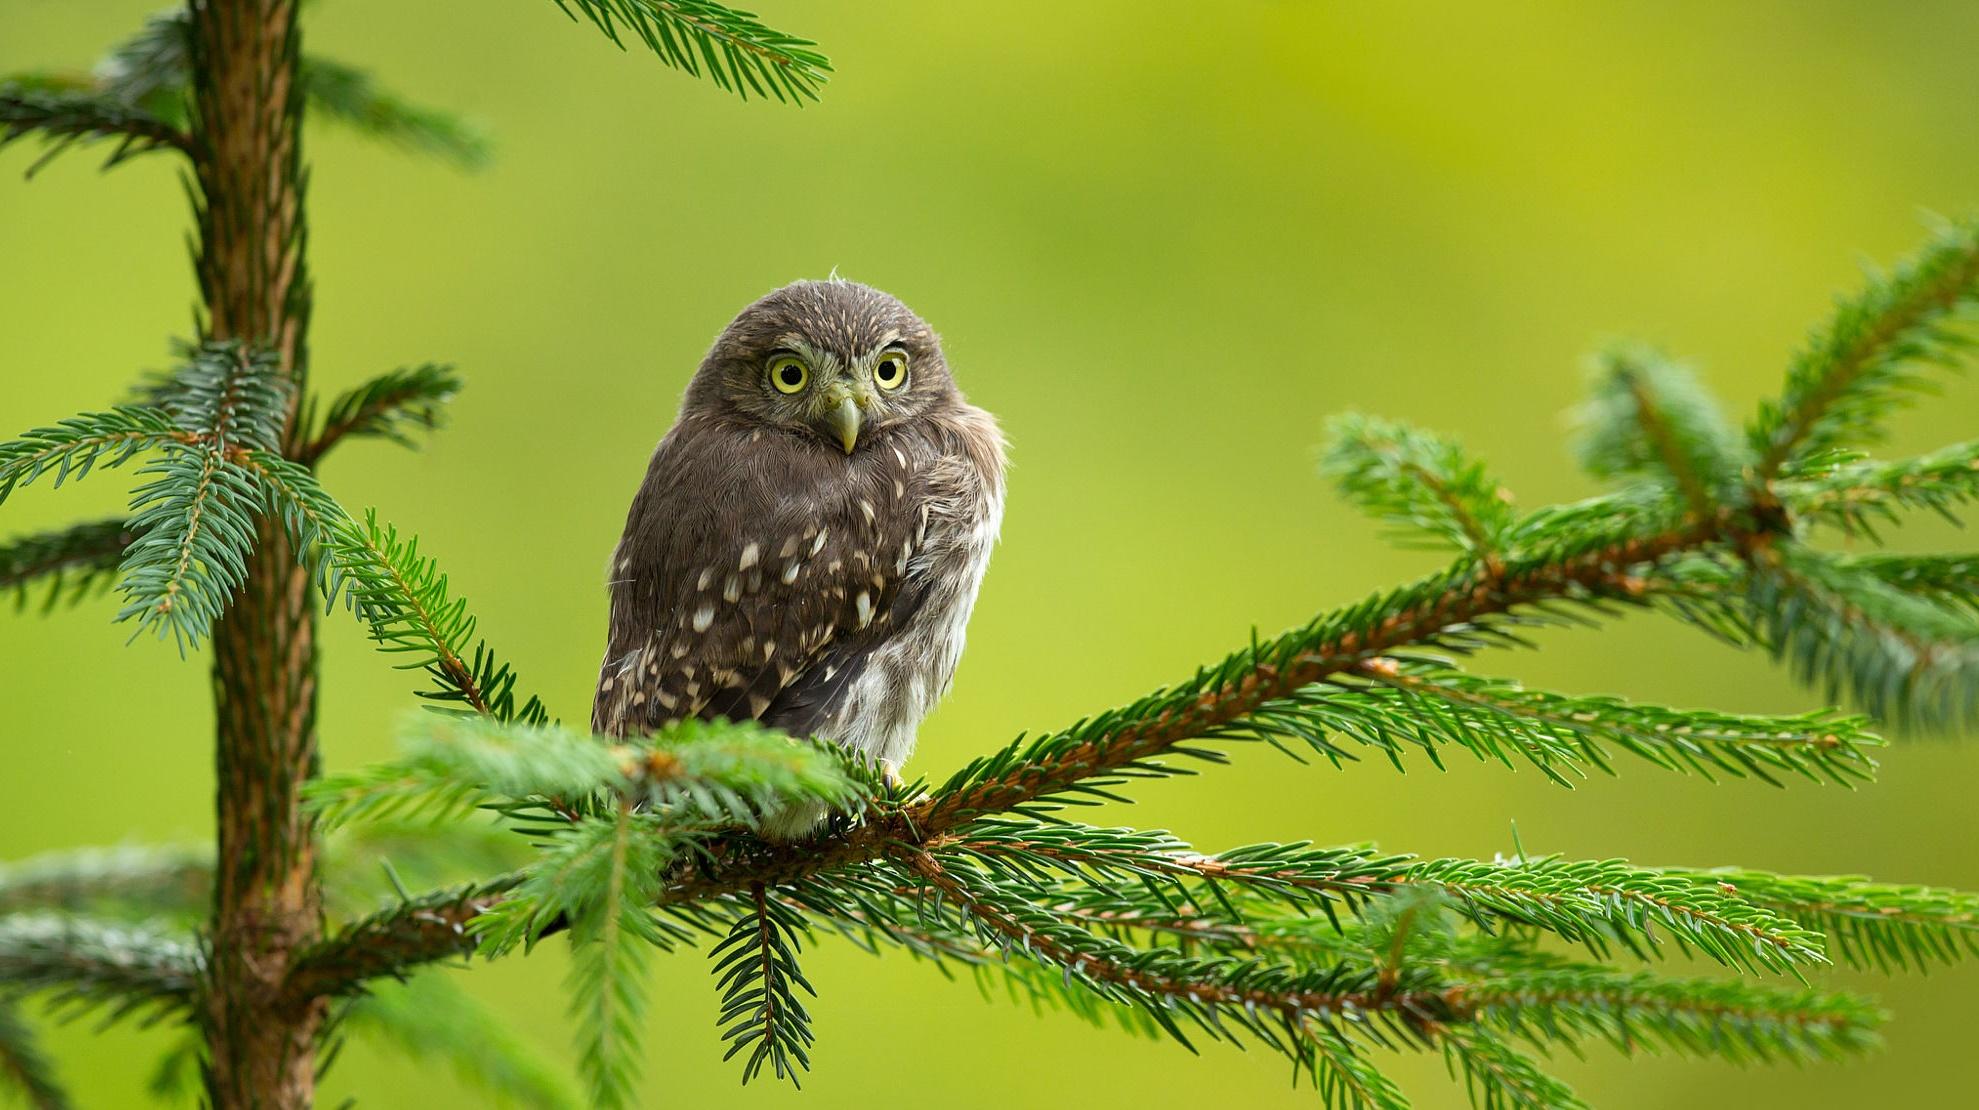 Фото Сова сидит на елочной ветке, фотограф Milan Zygmunt